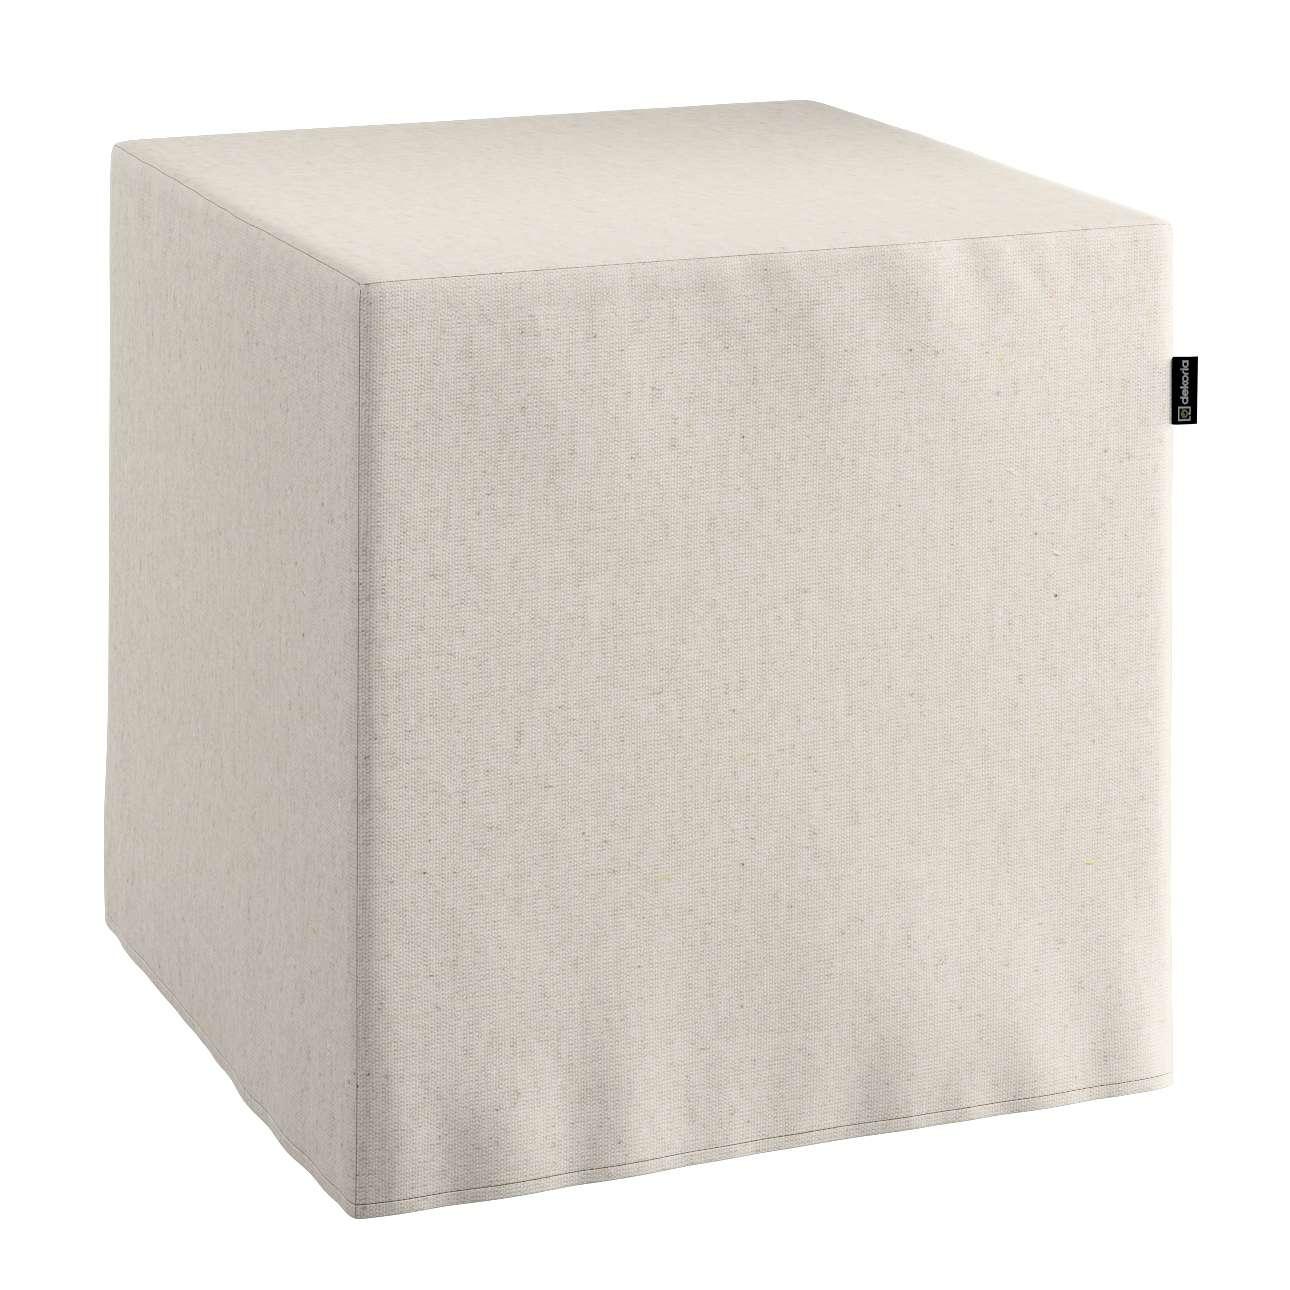 Sitzwürfel, hellgrau, 40 × 40 × 40 cm, Loneta   Wohnzimmer > Hocker & Poufs > Sitzwürfel   Dekoria